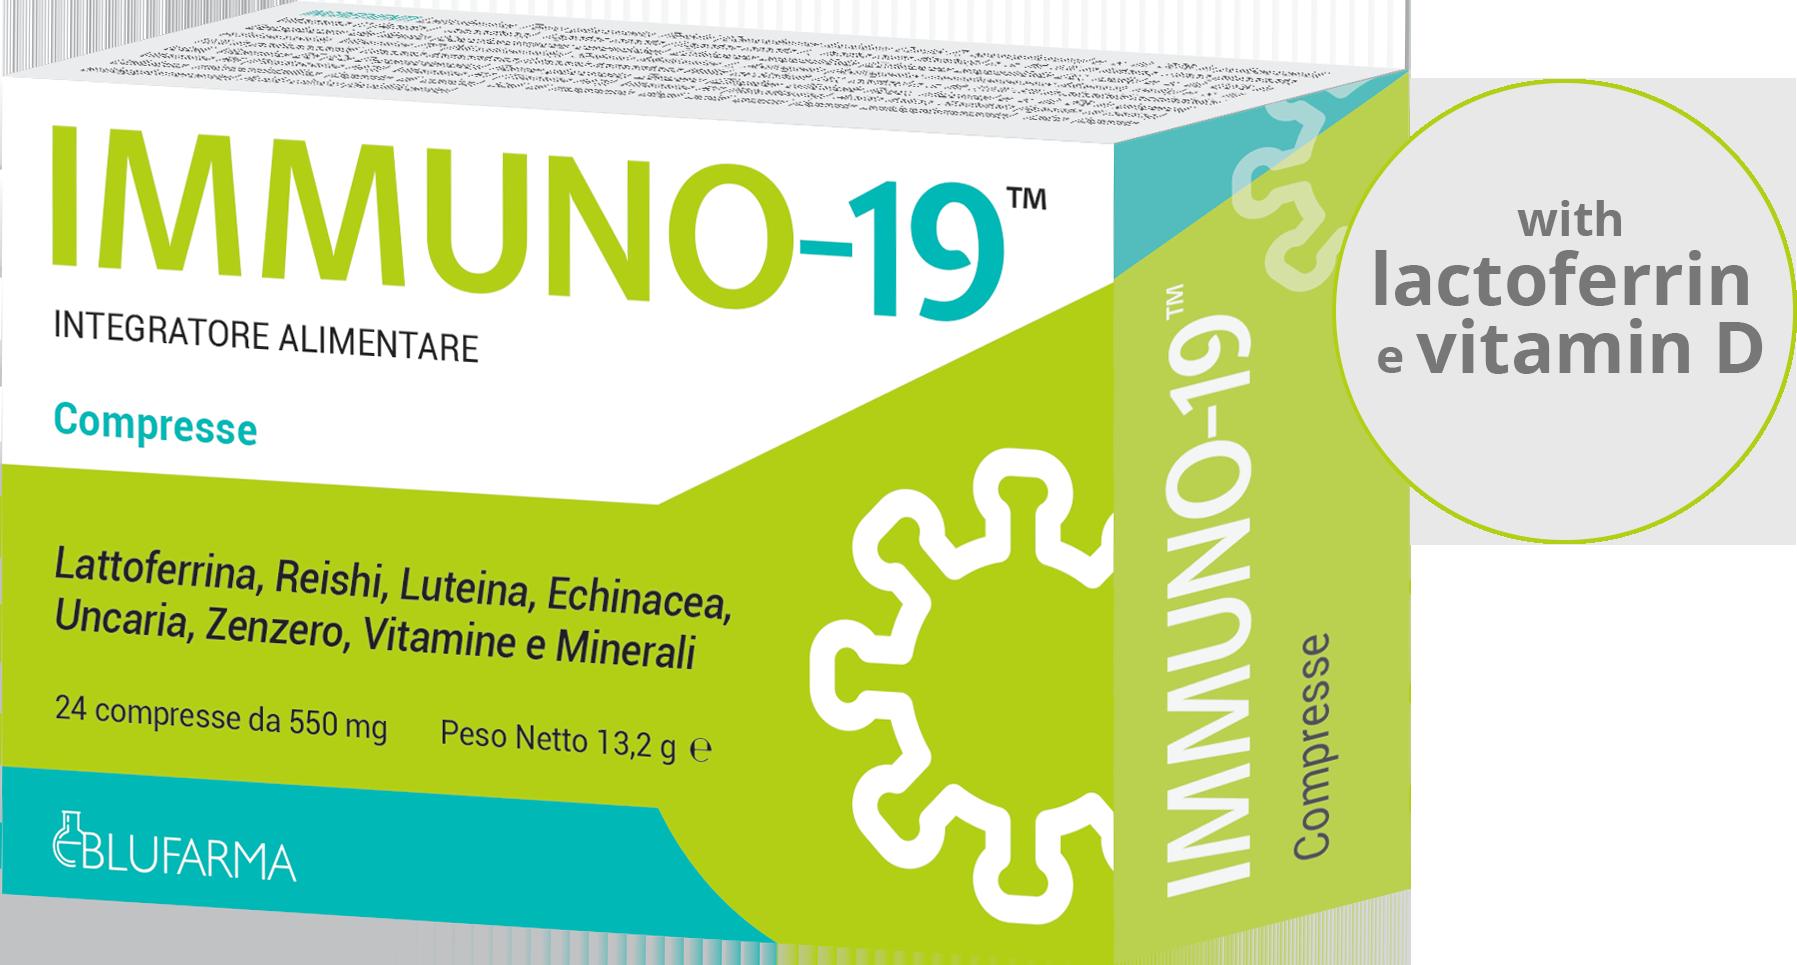 Immuno-19